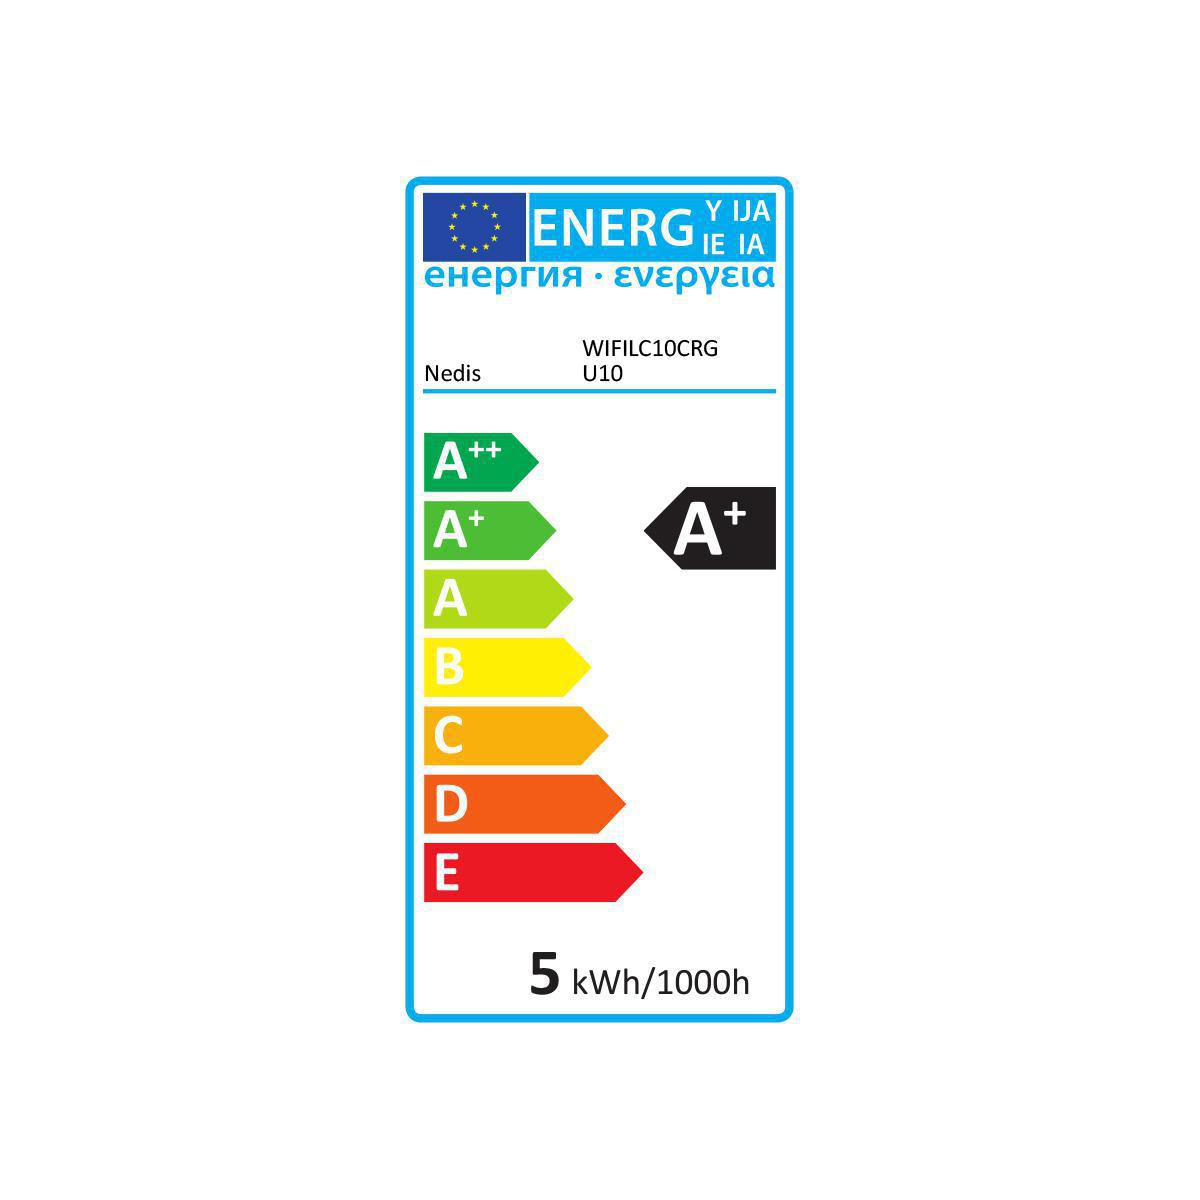 Köp Smart LED-lampa Fullfärg och varmvit GU10 - 5W - 360 lumen  (WIFILC10CRGU10) för 249 Kr hos m nu